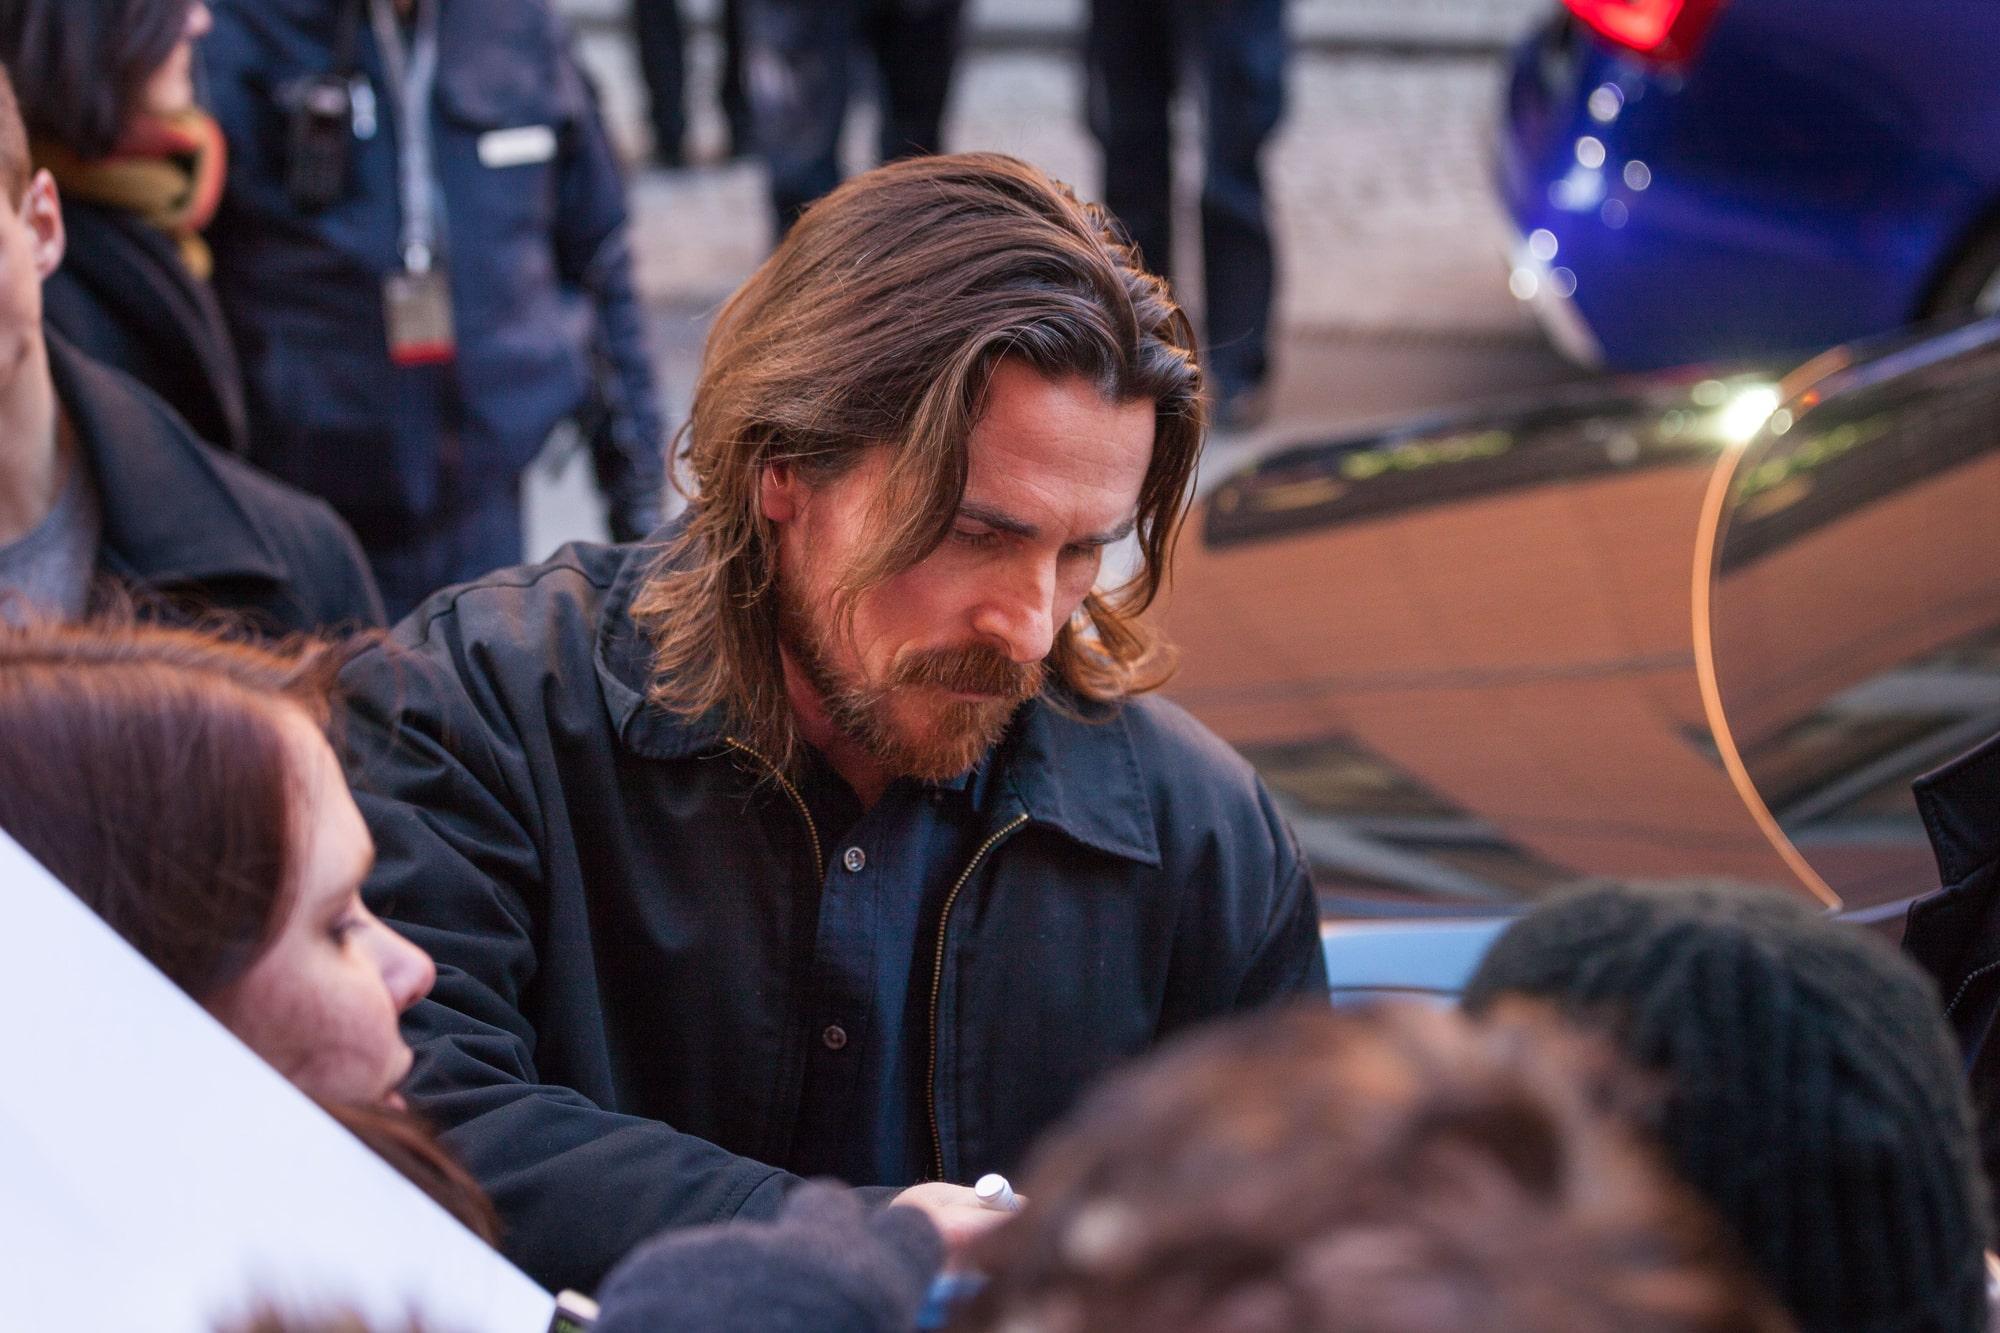 Кристиан Бэйл прибыл в Австралию на съемки фильма Тайки Вайтити «Тор: Любовь и гром»